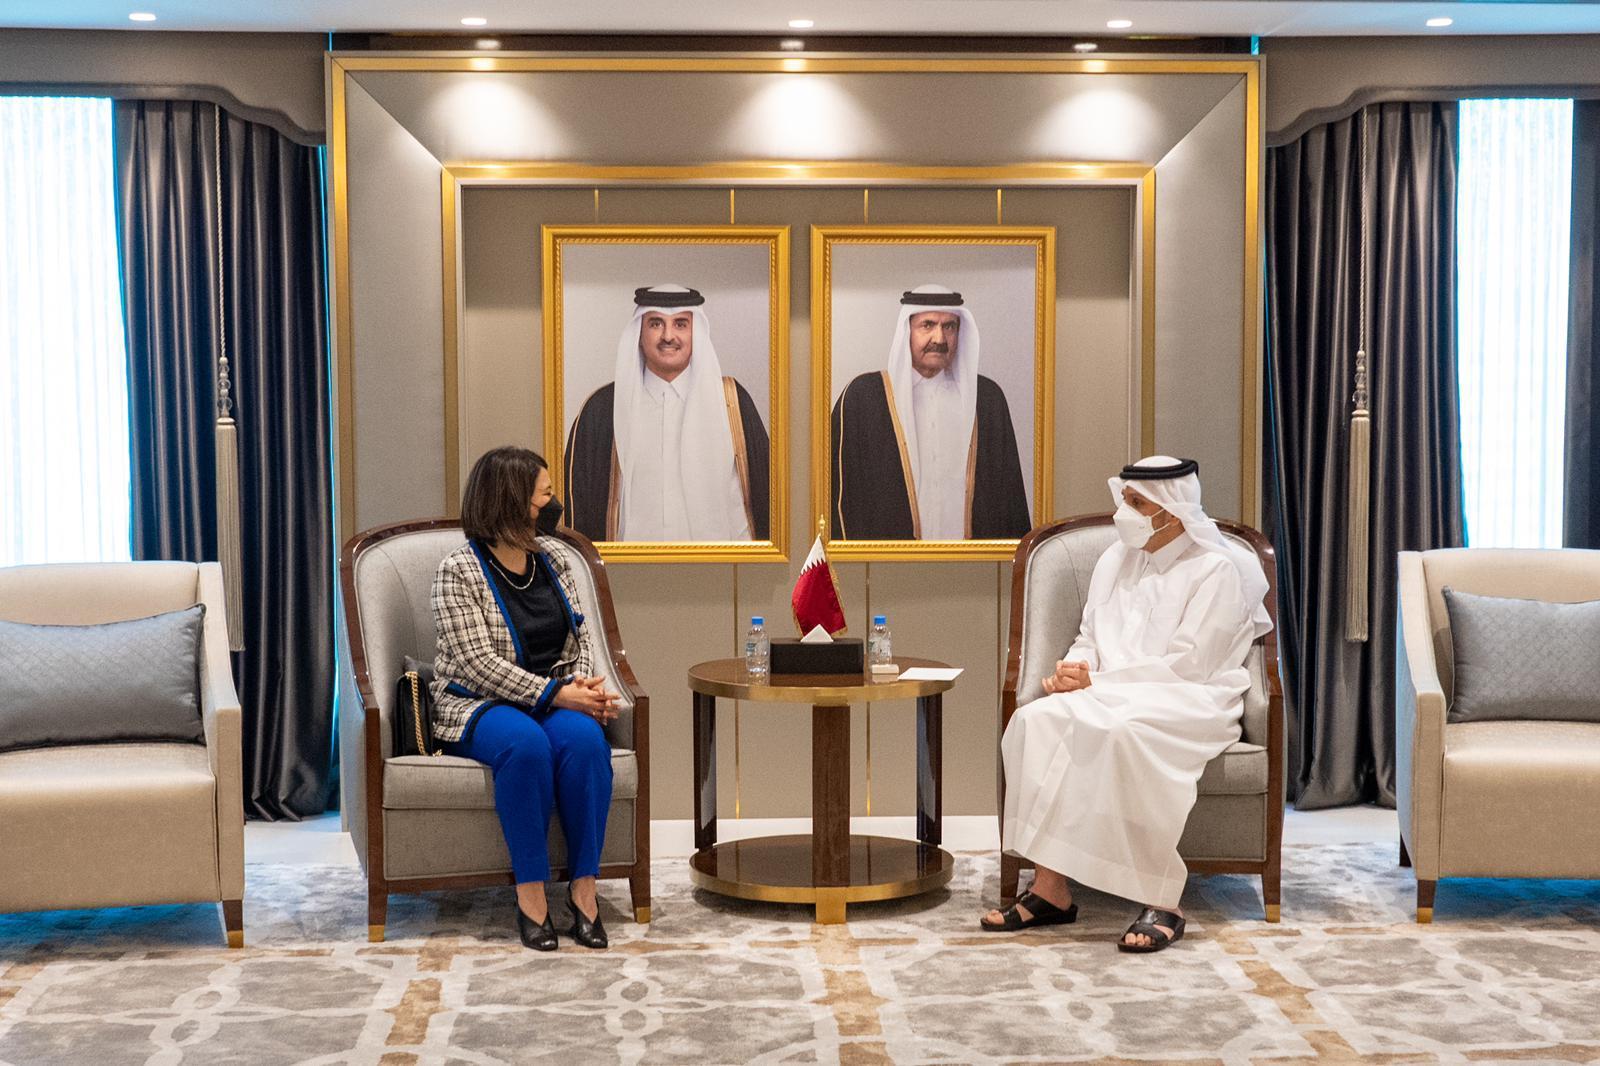 نائب رئيس مجلس الوزراء وزير الخارجية يجتمع مع وزيرة خارجية ليبيا